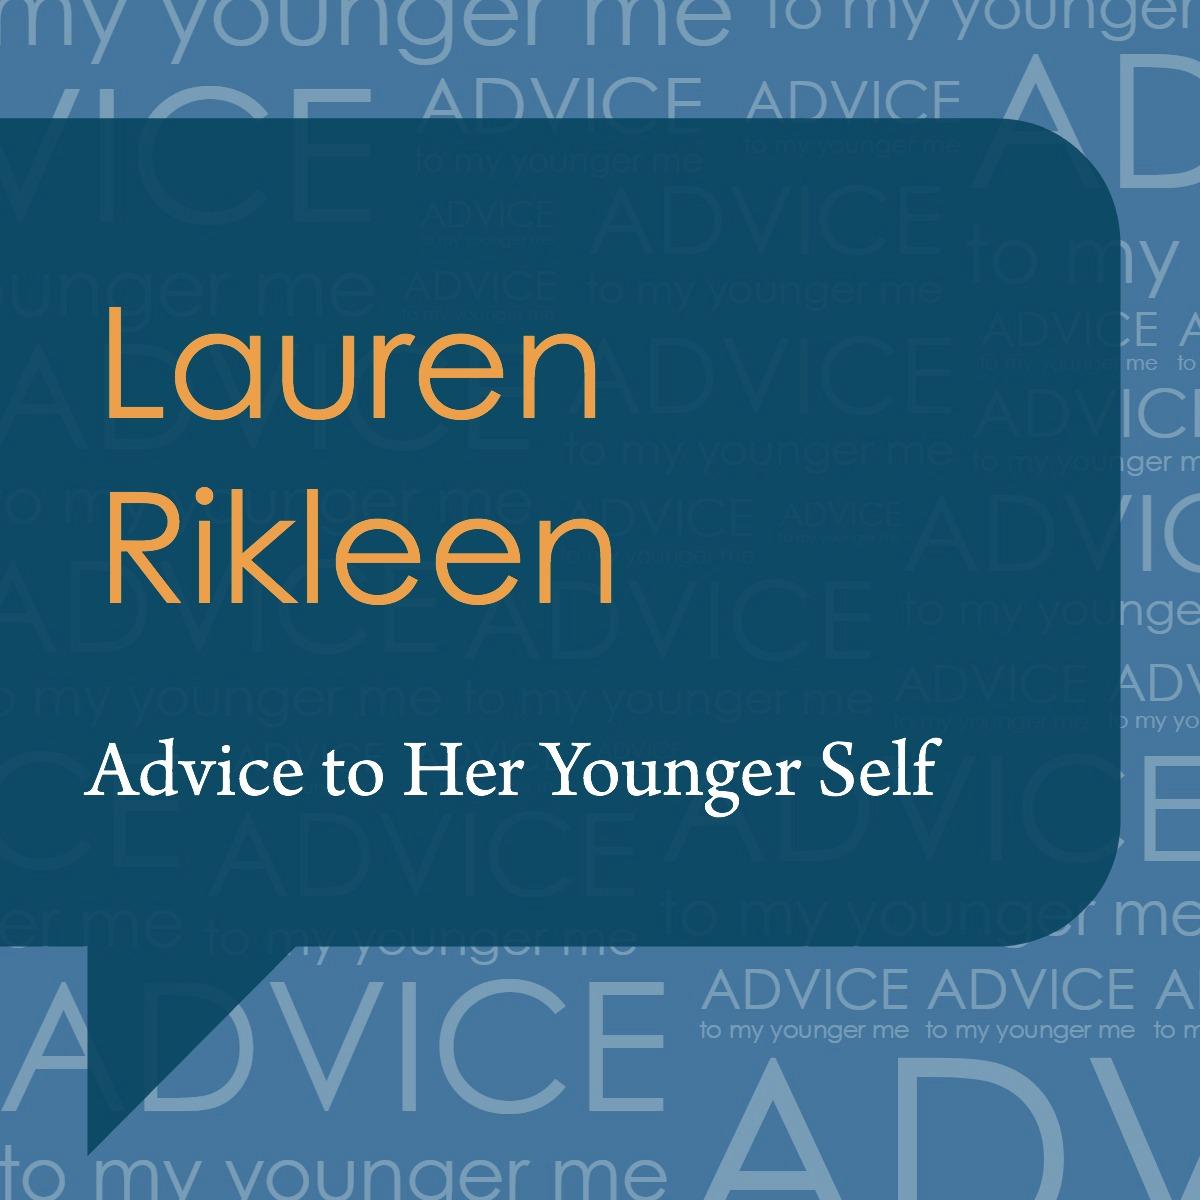 Lauren Rikleen